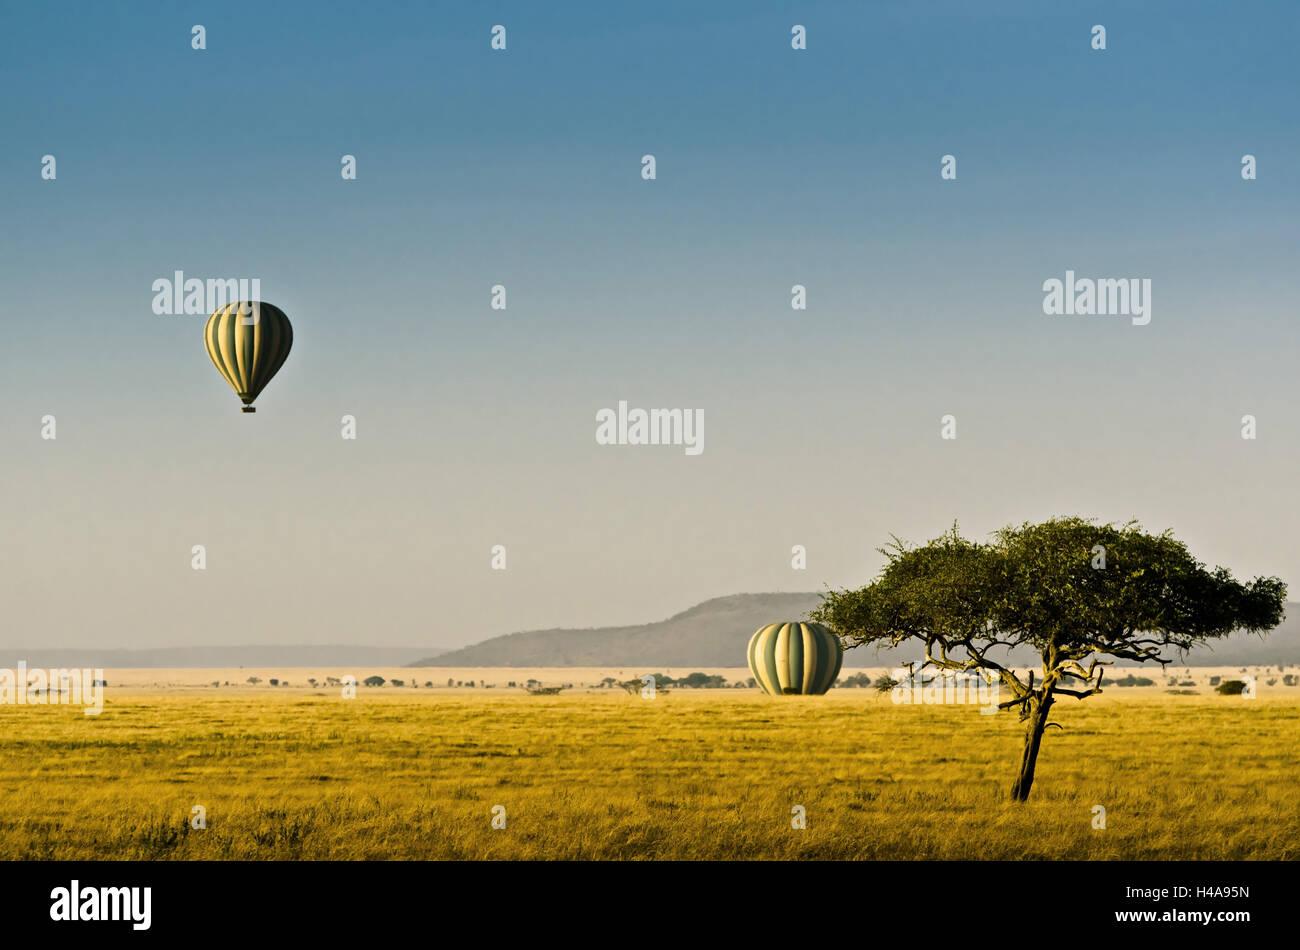 Afrika, Tansania, Ostafrika, Serengeti, Nationalpark, Ballon, Heißluftballon, Ballonfahrt, Stockbild